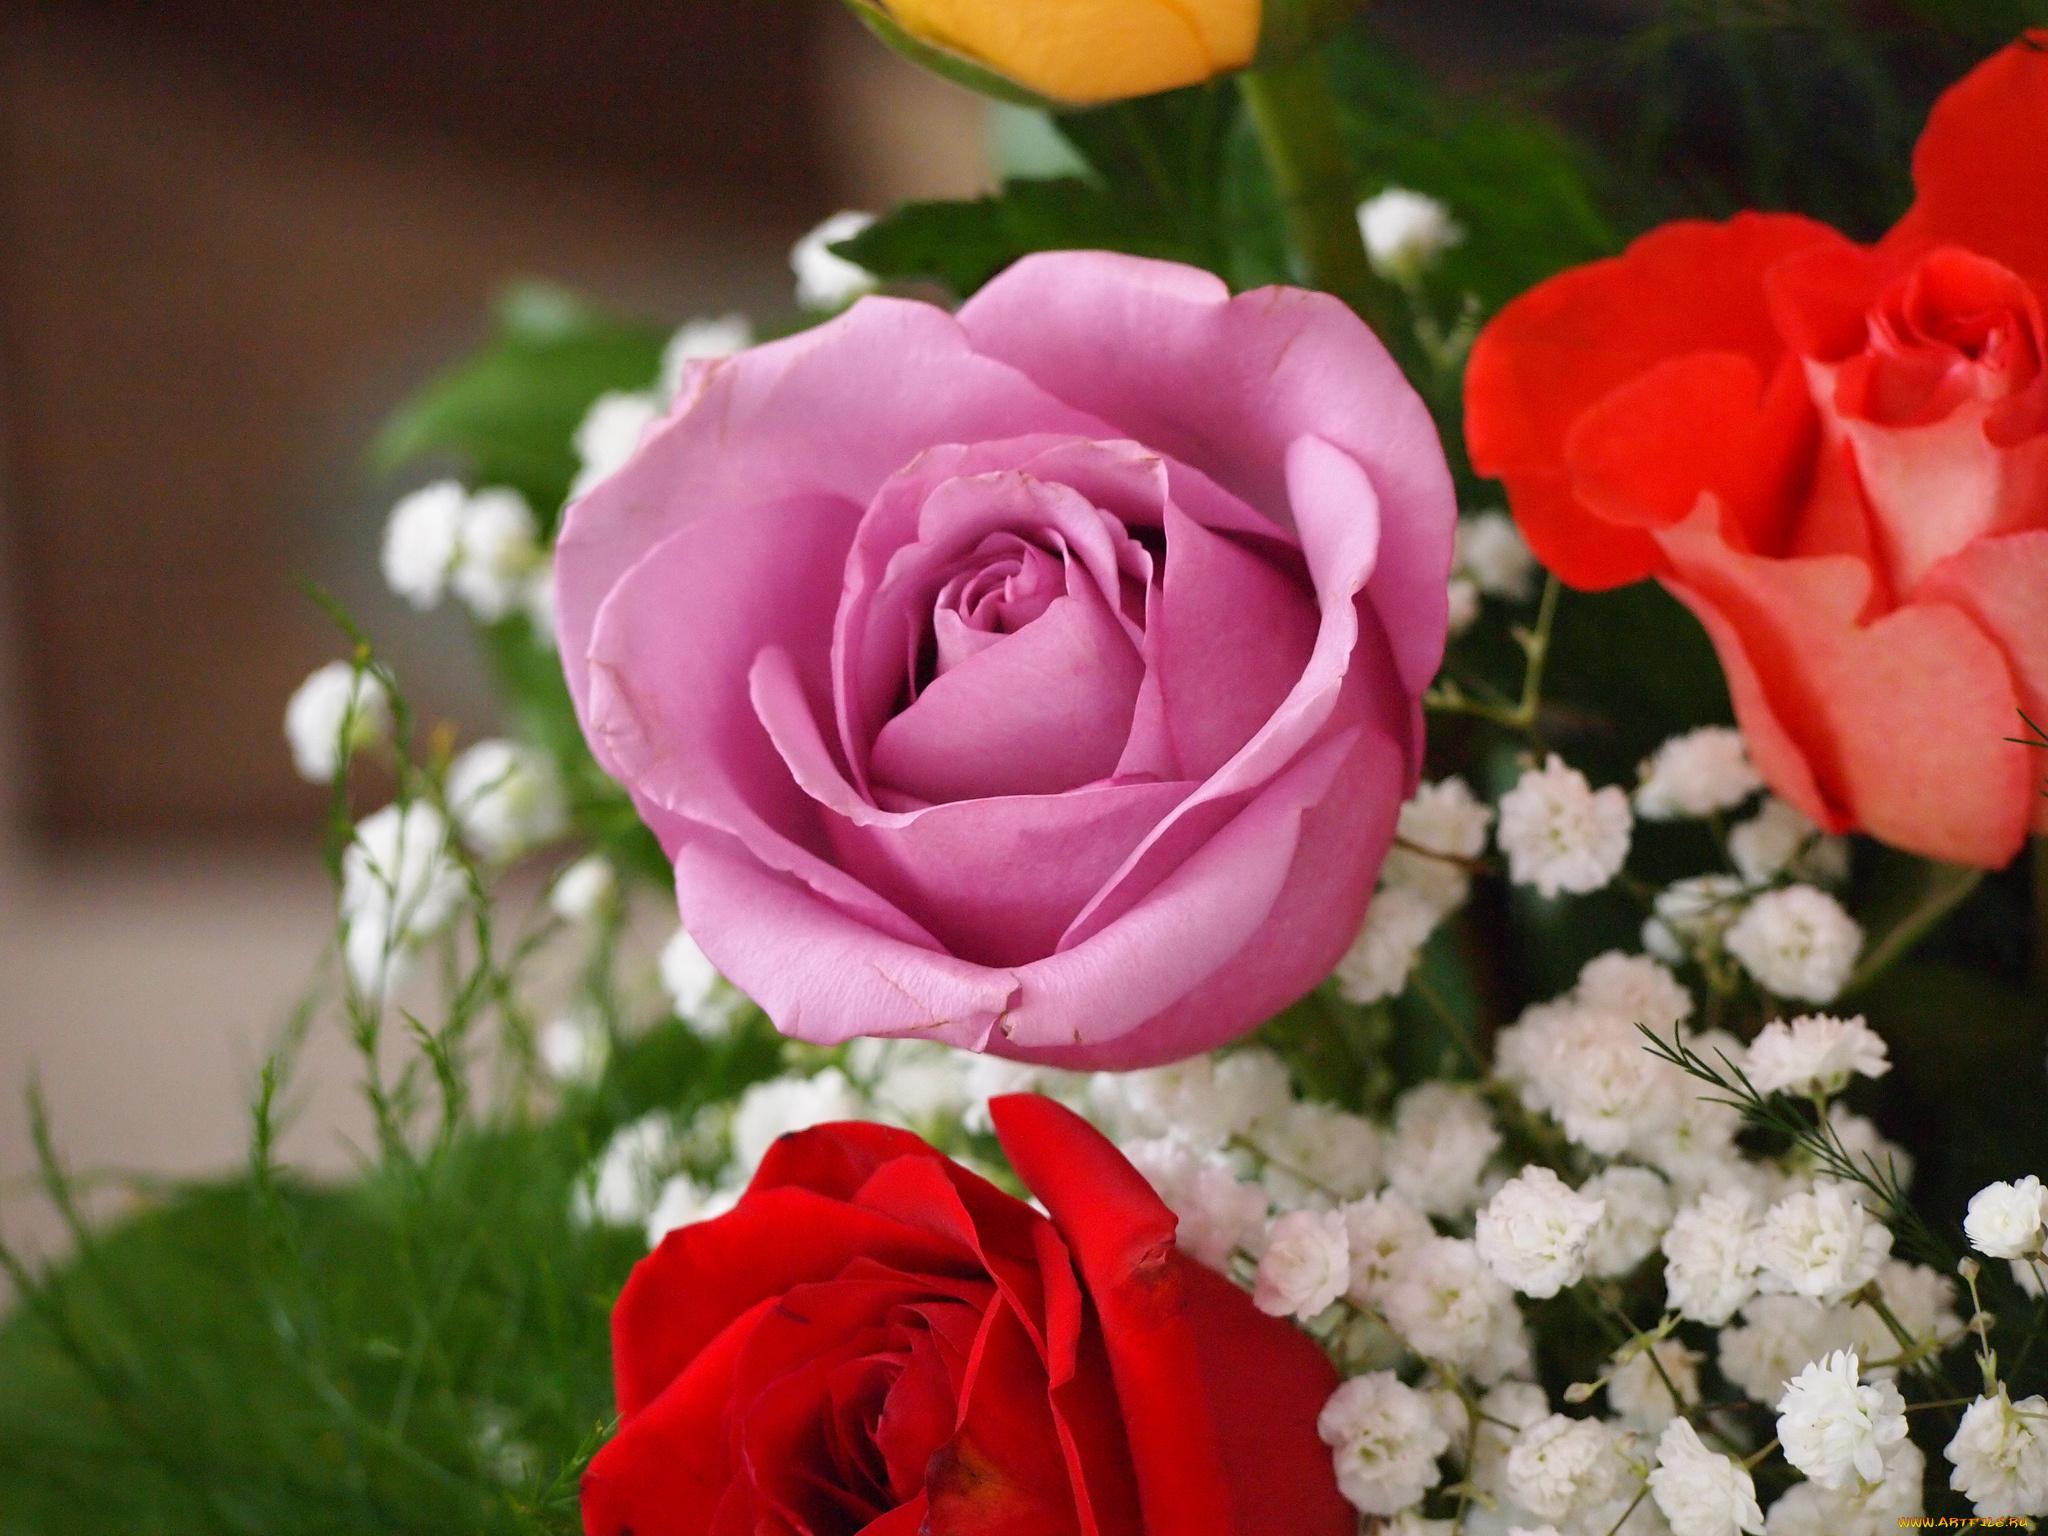 розы,желтые,букет,гипсофила,бутоны  № 761795 бесплатно